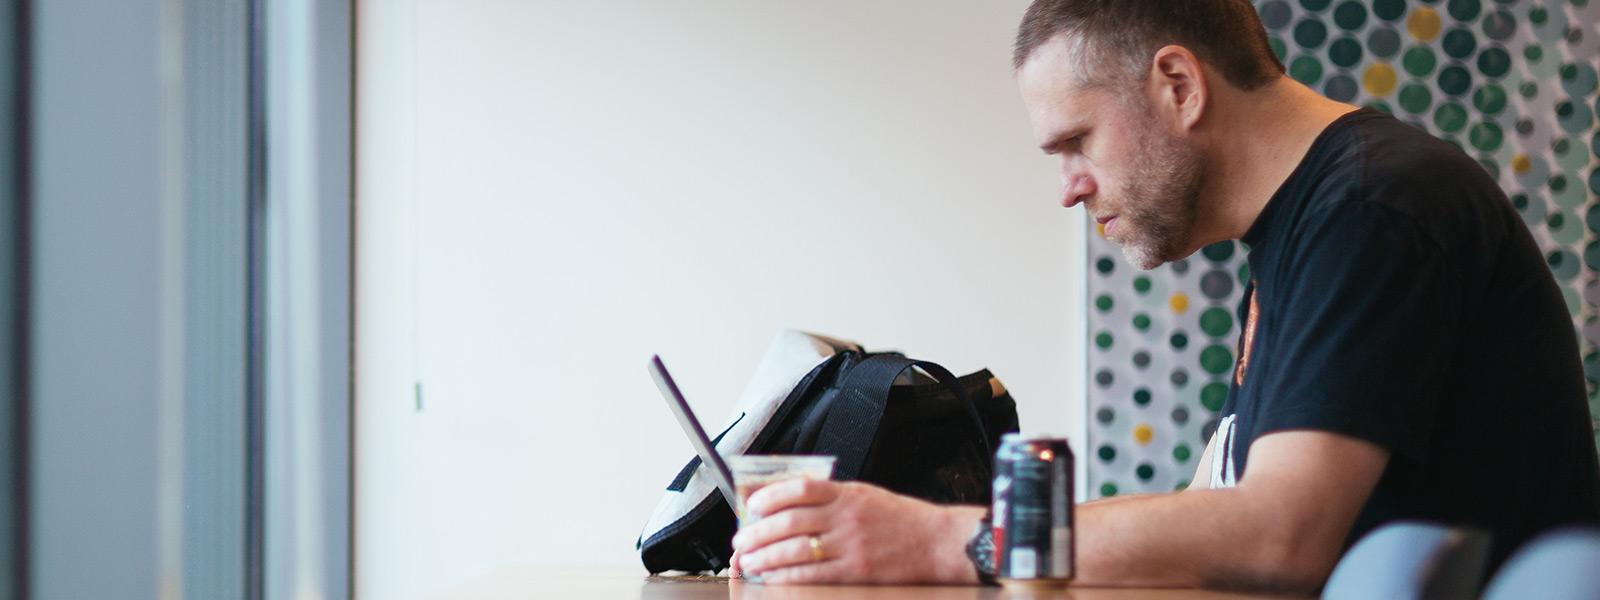 Muškarac koji sedi za stolom i radi na Windows 10 računaru